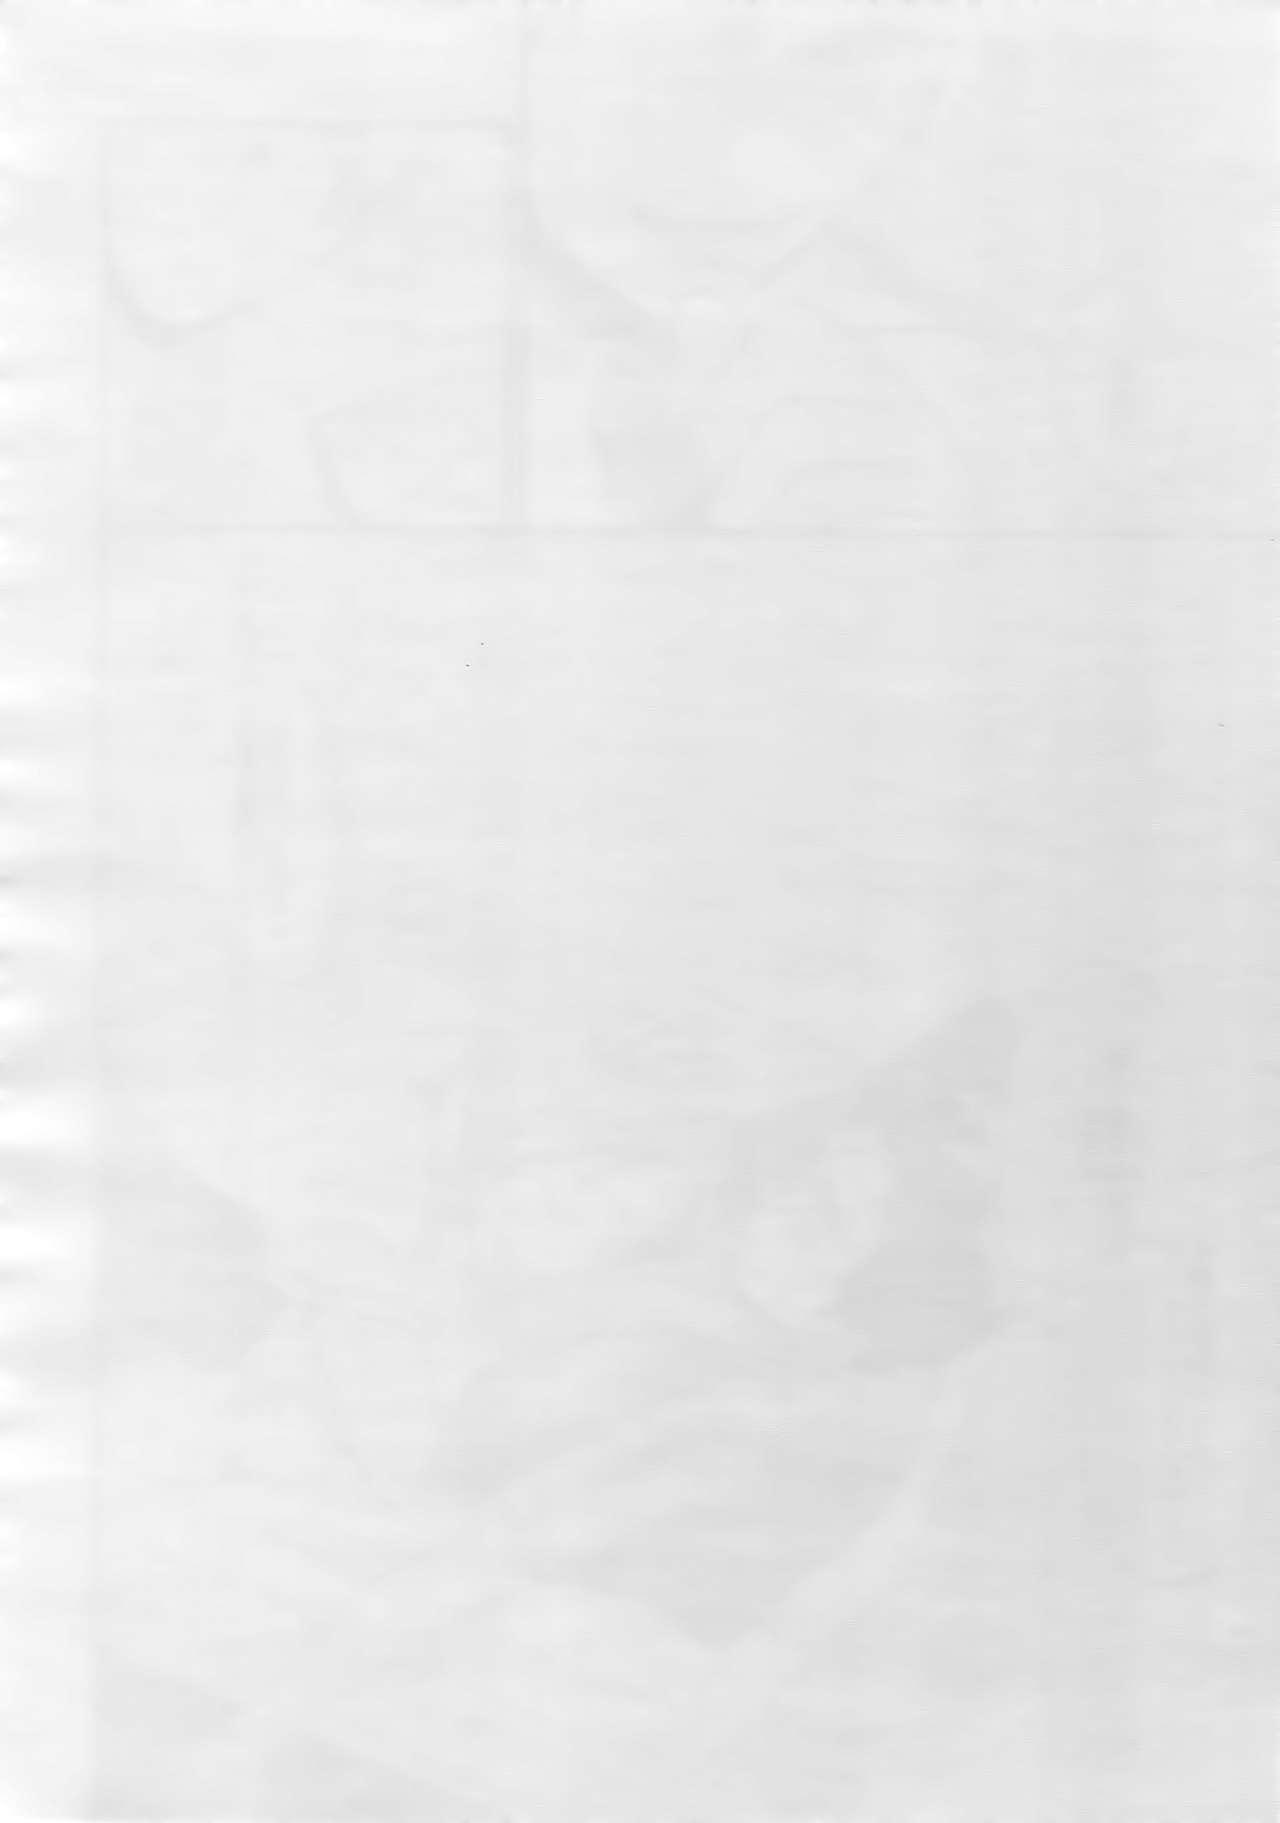 [Bakuchi Jinsei SP (Satsuki Fumi)] Kanpeki Kareshi to Zettai Ryouiki Ouji-sama - Another Version - (Kuroko no Basket) 108